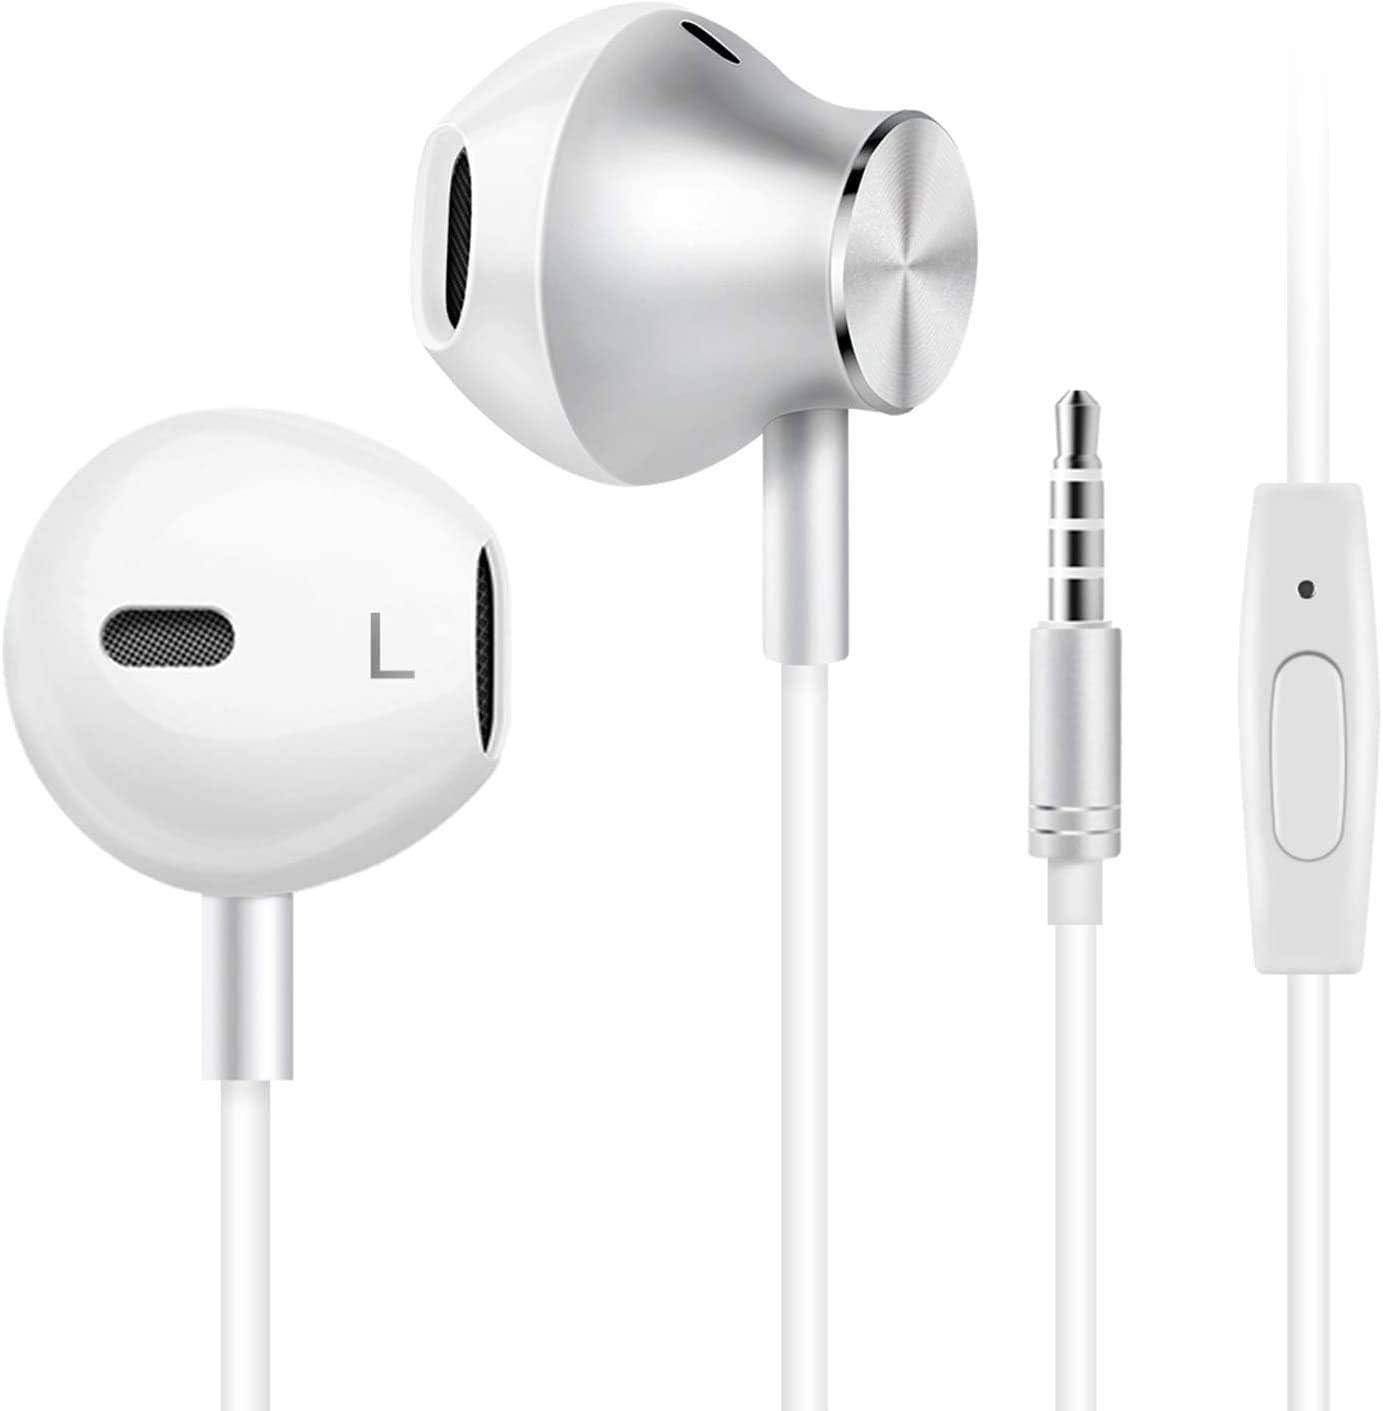 Auriculares In-Ear auriculares con microfono, auriculares cable, Cancelación de Ruido (Blanco)